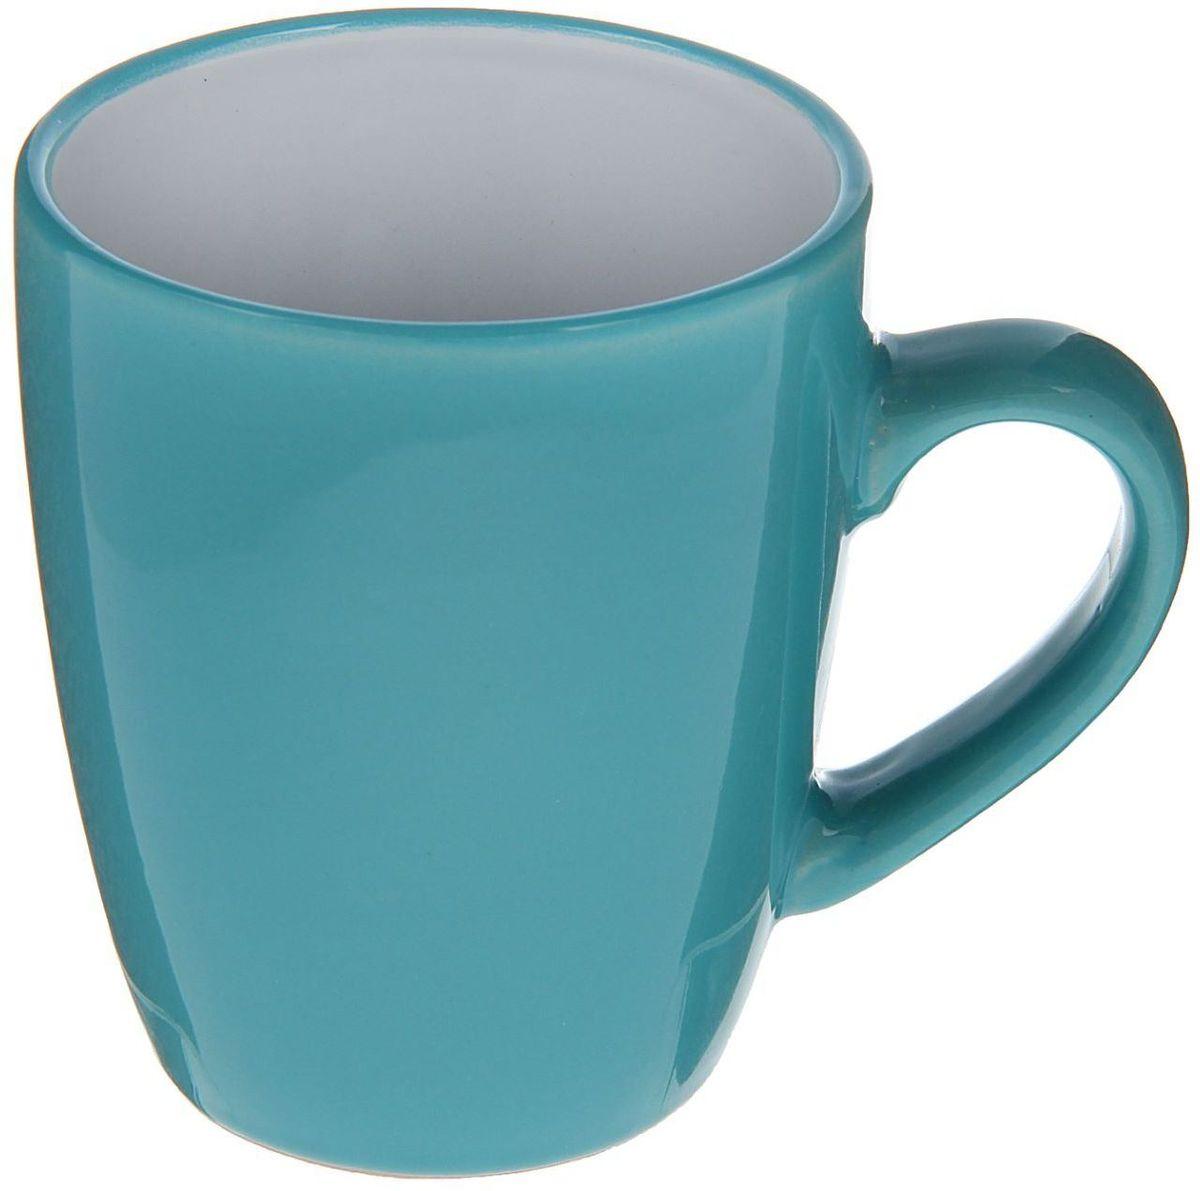 Кружка Доляна Дымка, цвет: голубой, белый, 360 мл кружка доляна радуга цвет желтый белый 300 мл